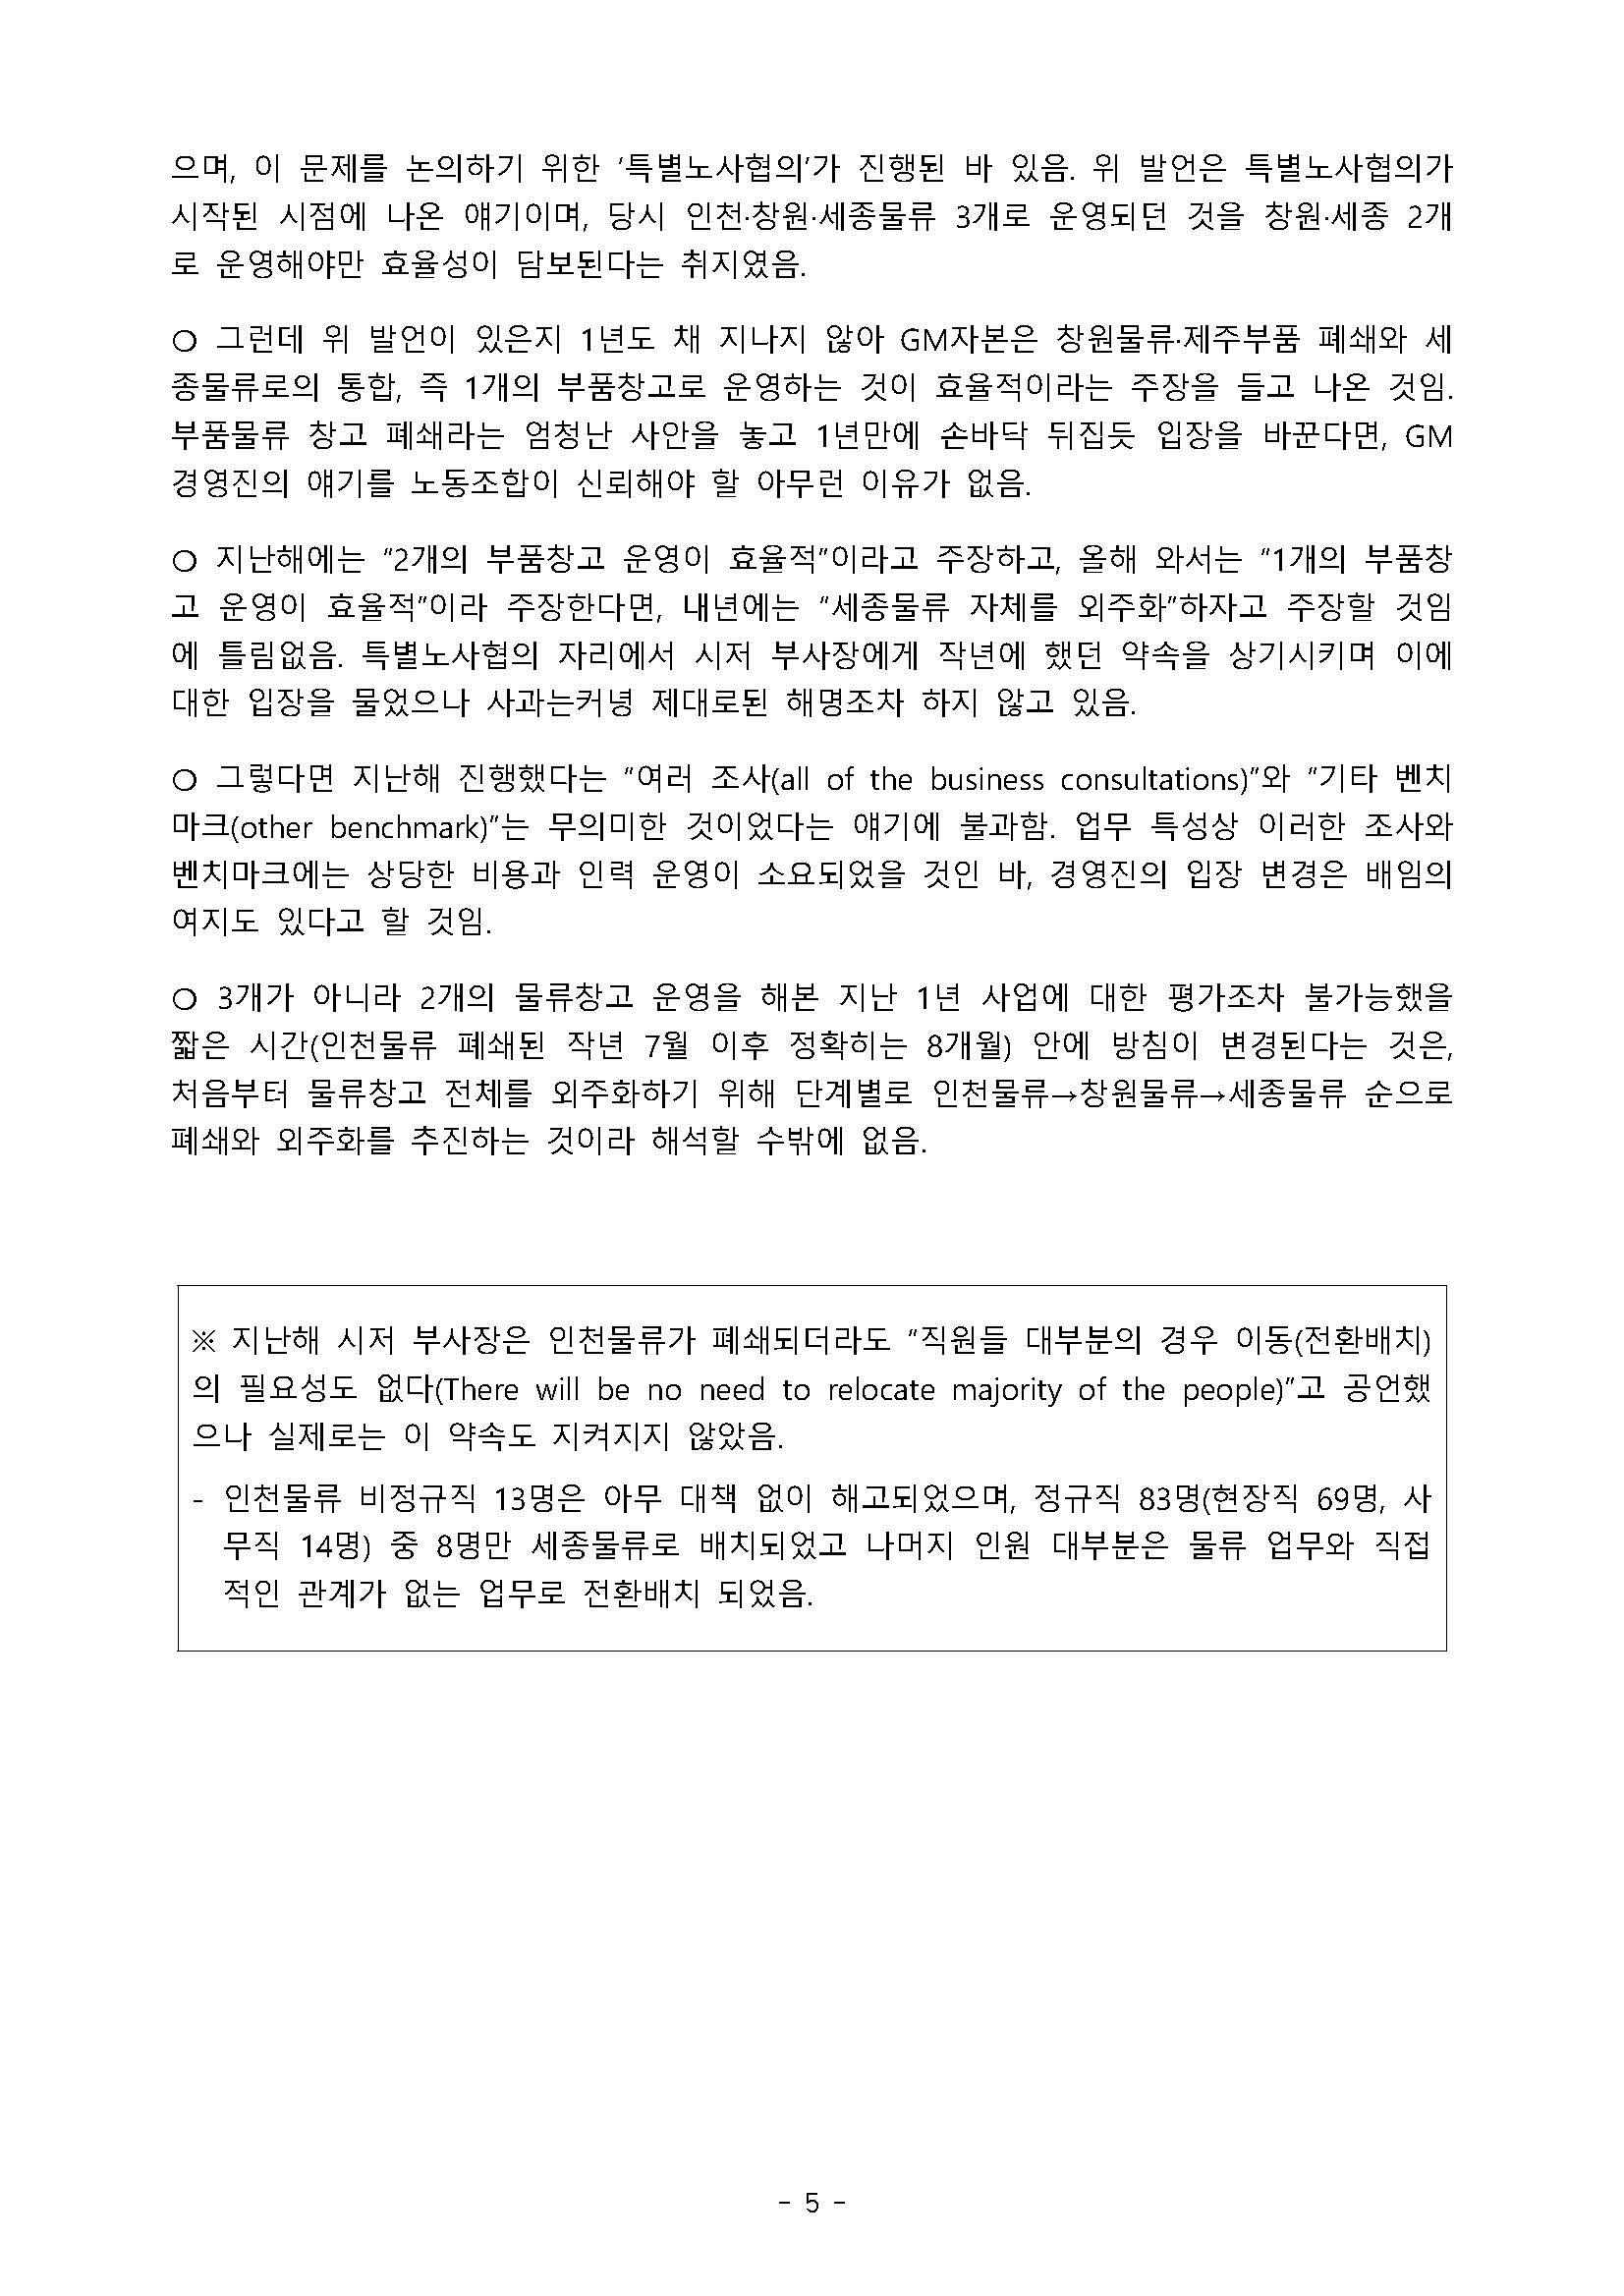 200316_보도자료_창원제주폐쇄저지_페이지_5.jpg